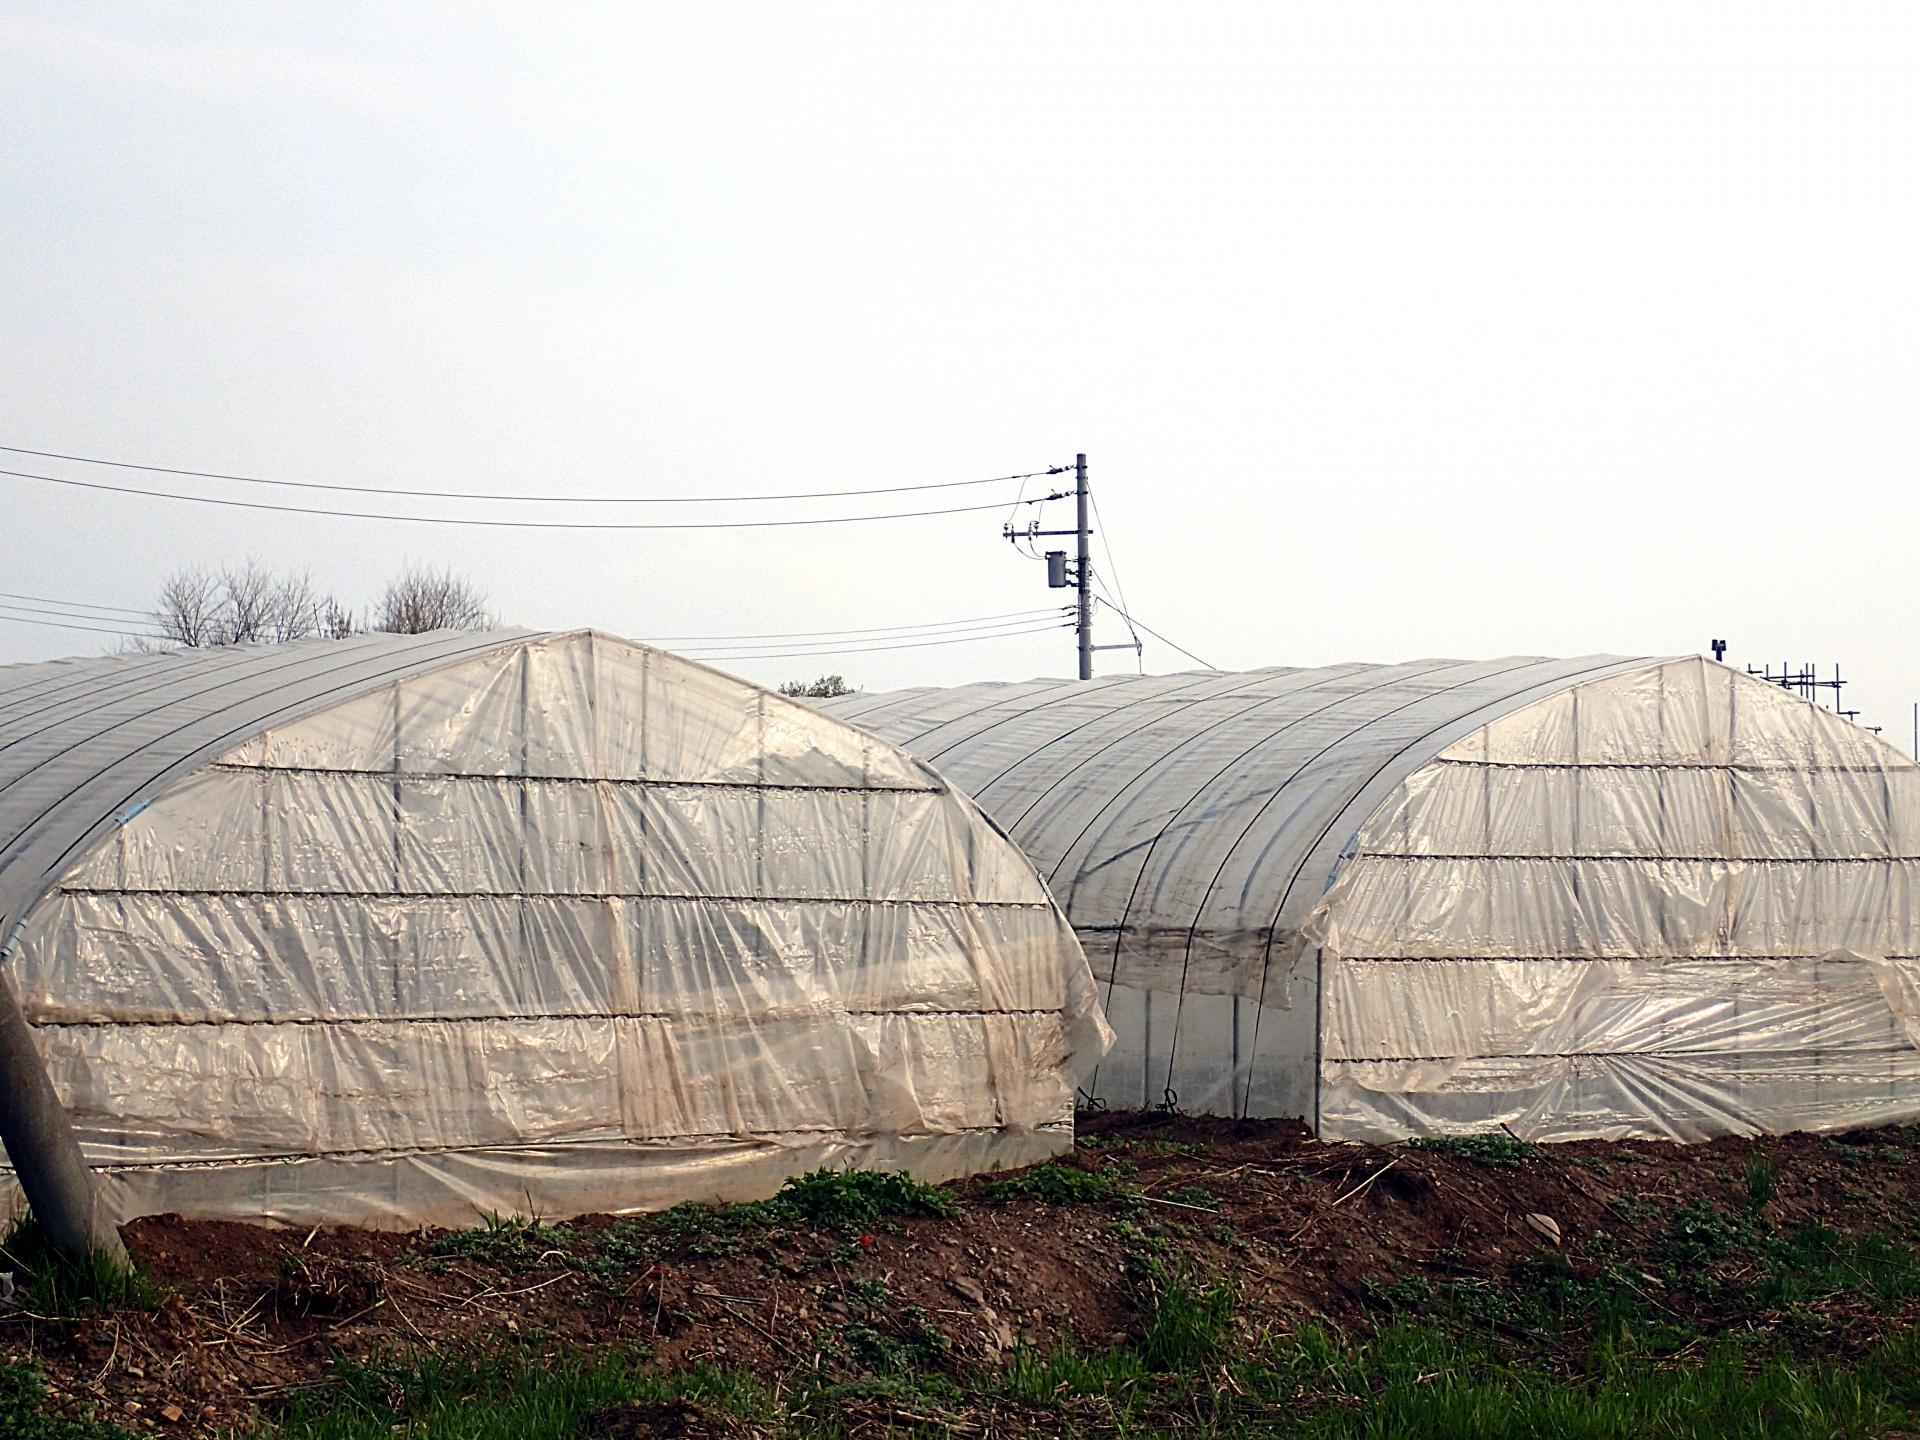 【IoT活用事例】スマート農業の導入メリットと課題とは?導入企業も紹介